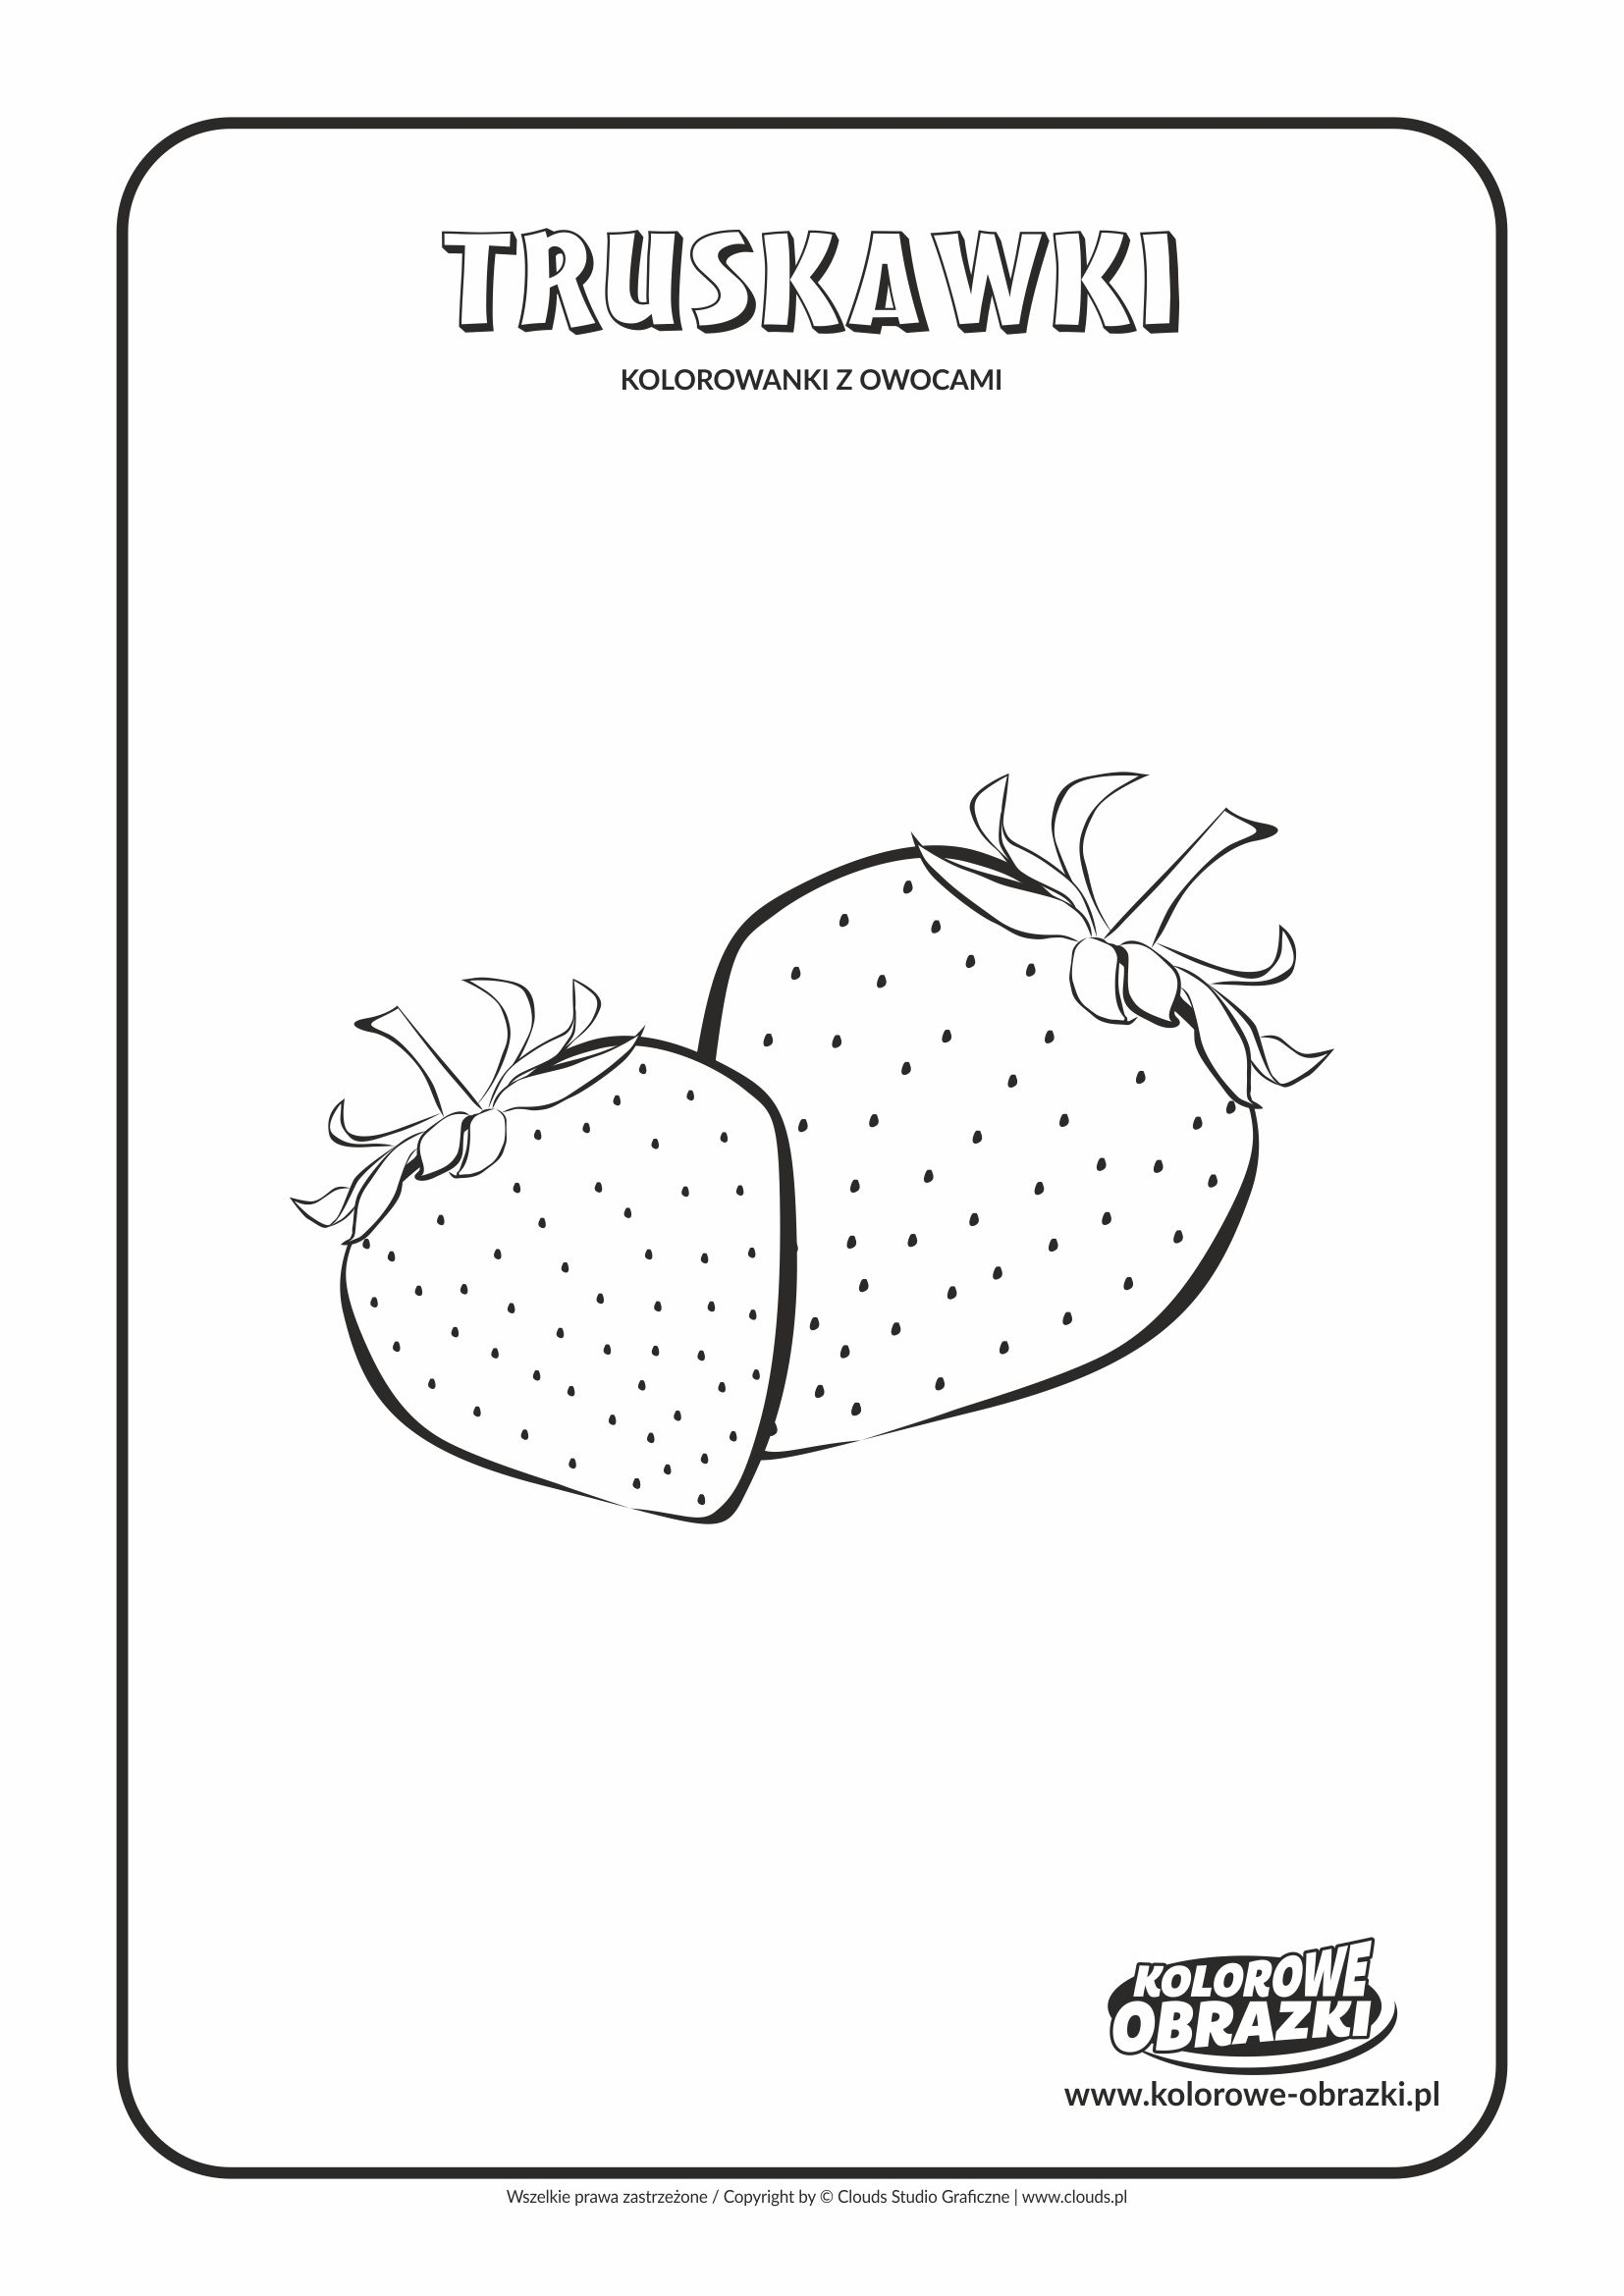 Kolorowanki dla dzieci - Rośliny / Truskawki. Kolorowanka z truskawkami